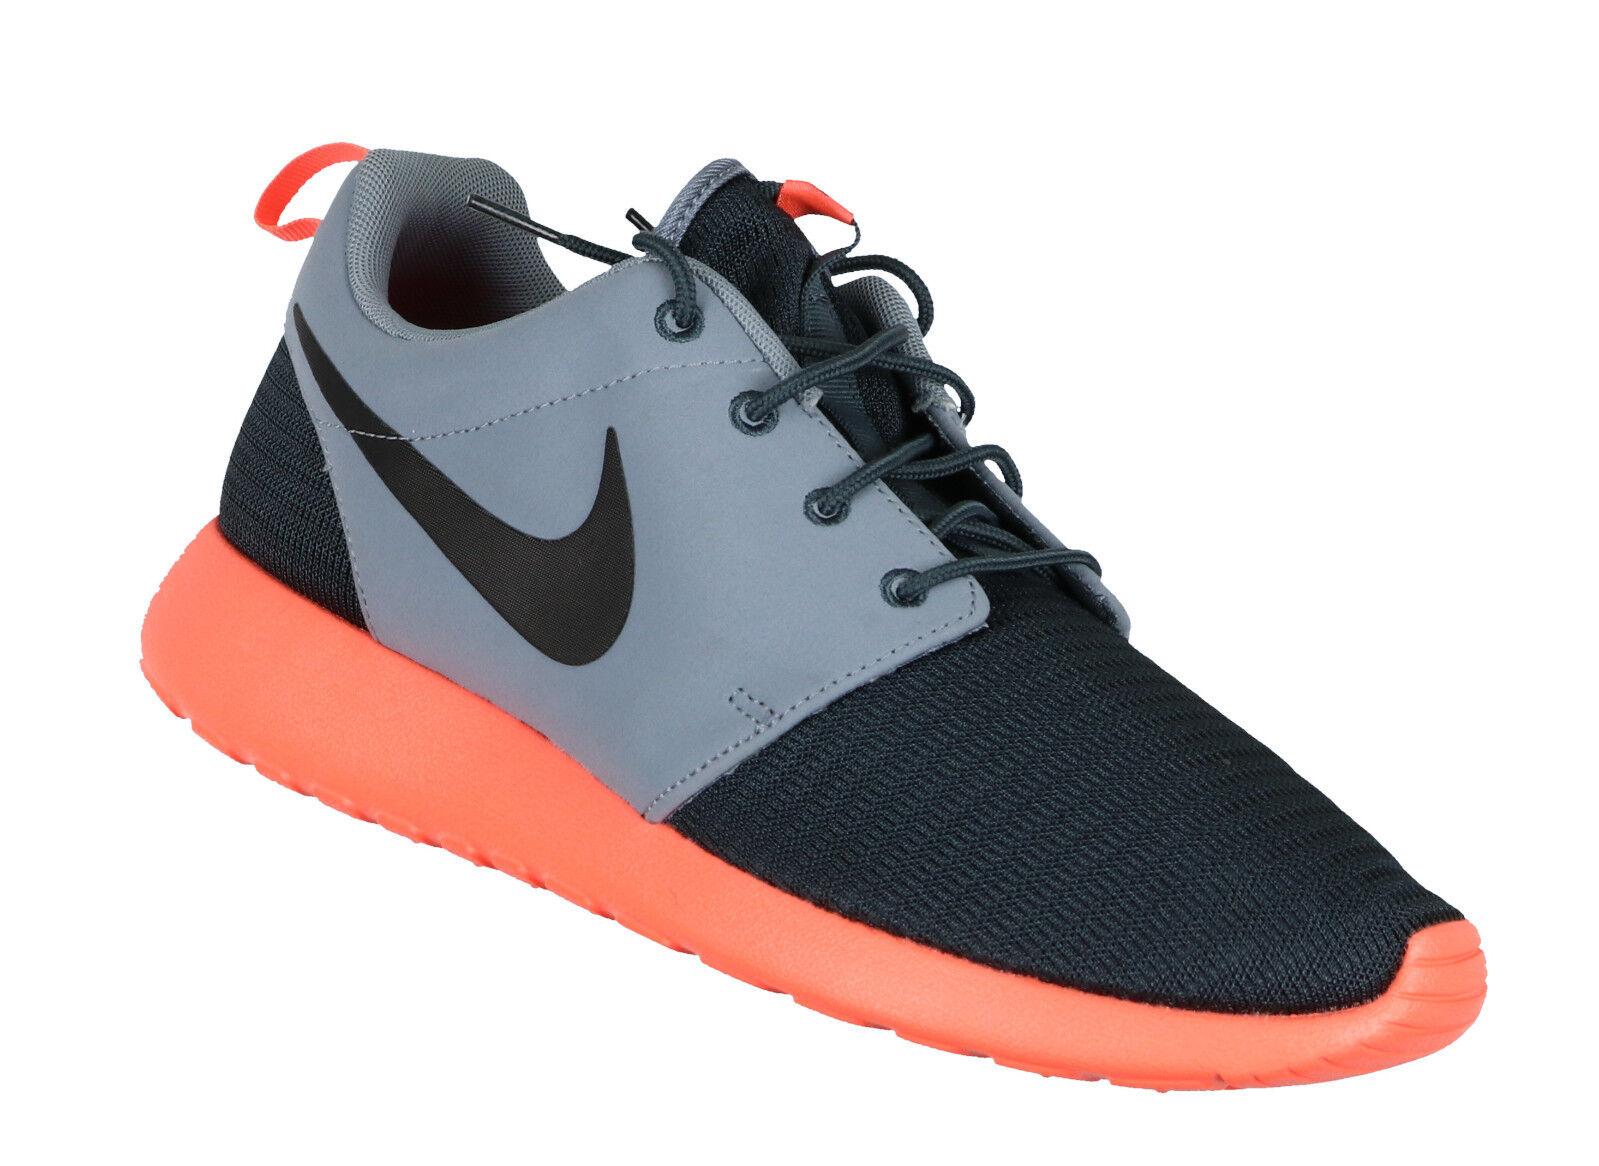 Nike Rosherun Sz 10 Schwarz Dunkel Magnet Grau Leuchtend Mango Roshe Premium Run